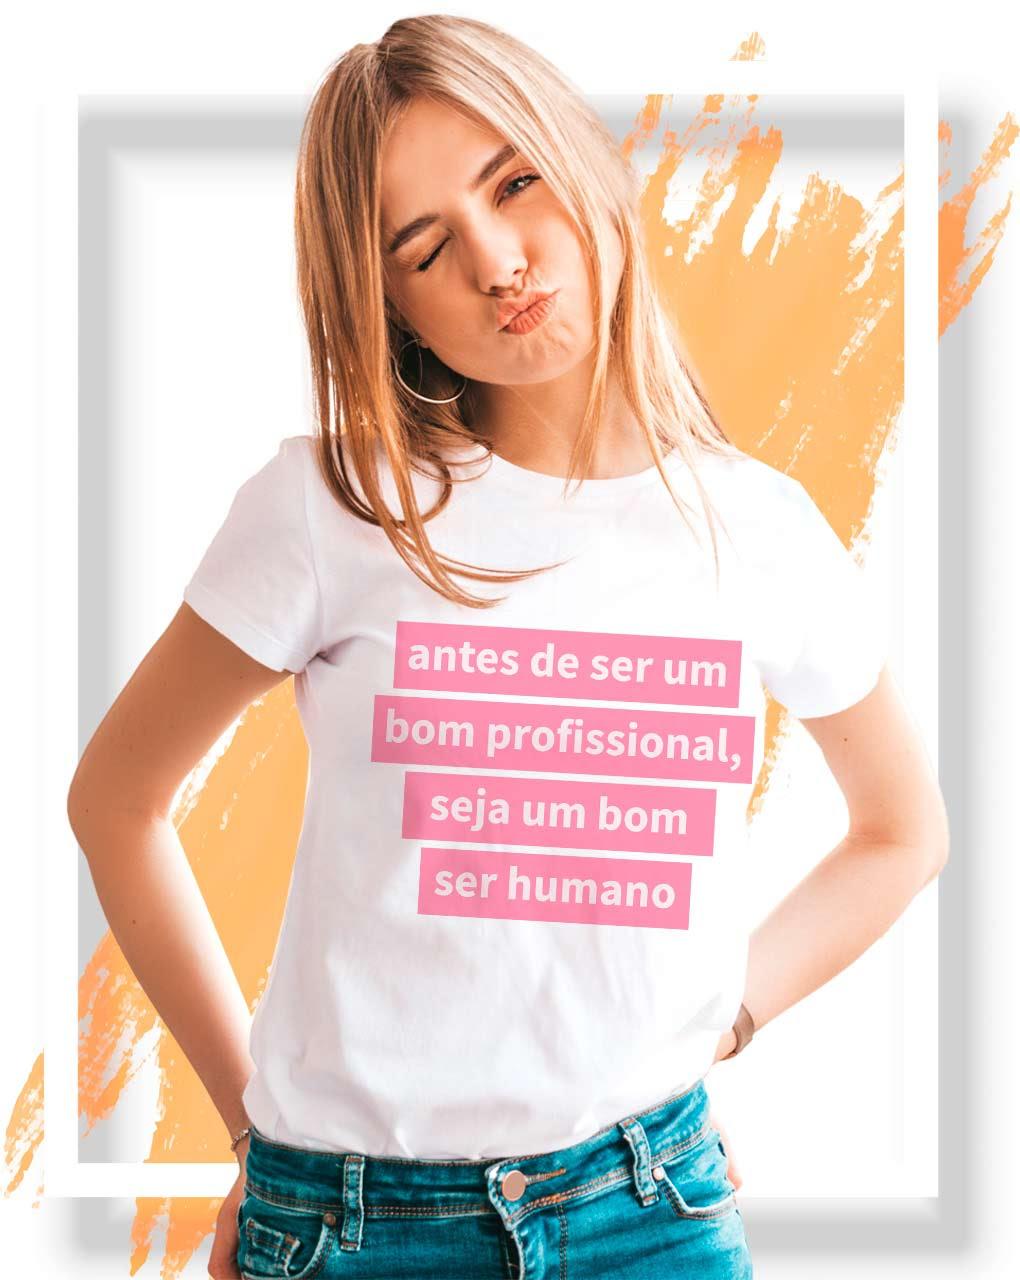 Juliana Ferraz lança coleção de camisetas em parceria com a Tudu